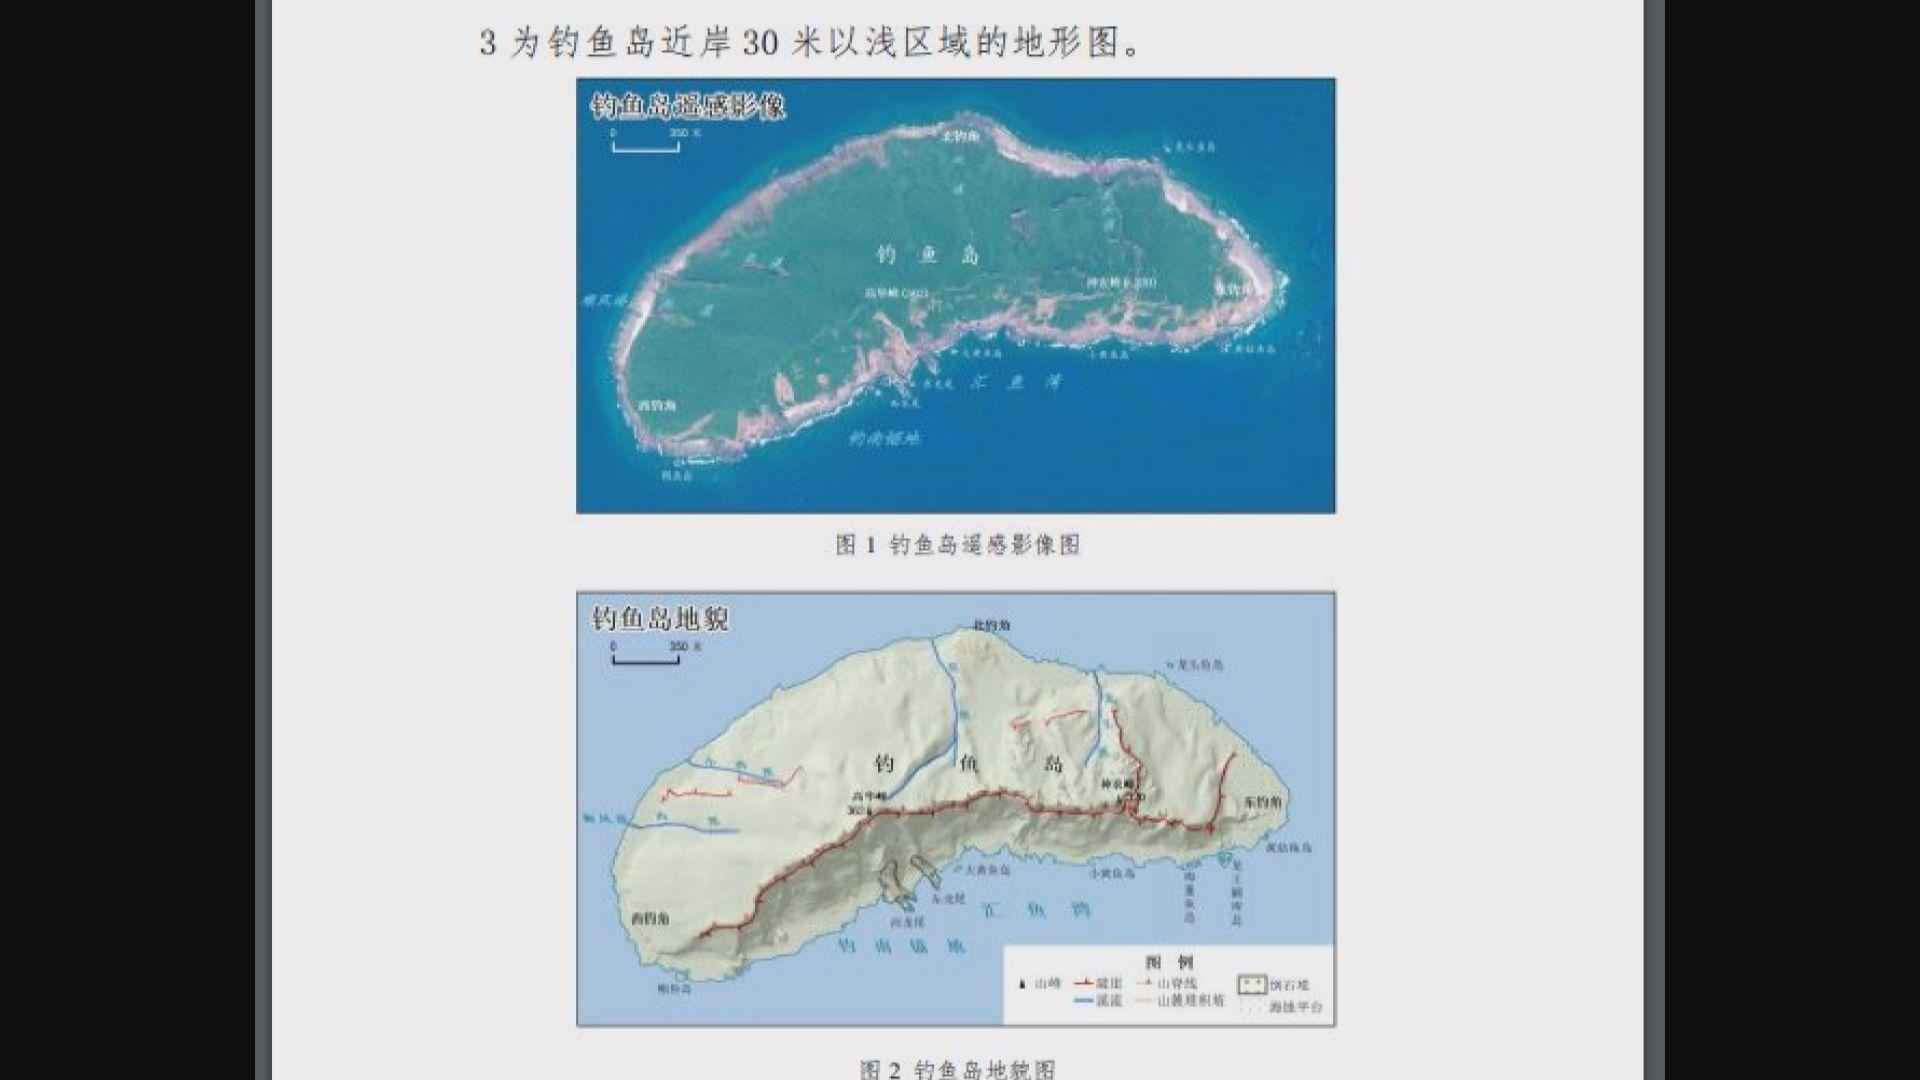 中國發布釣魚島地形地貌調查報告 日本外務省抗議